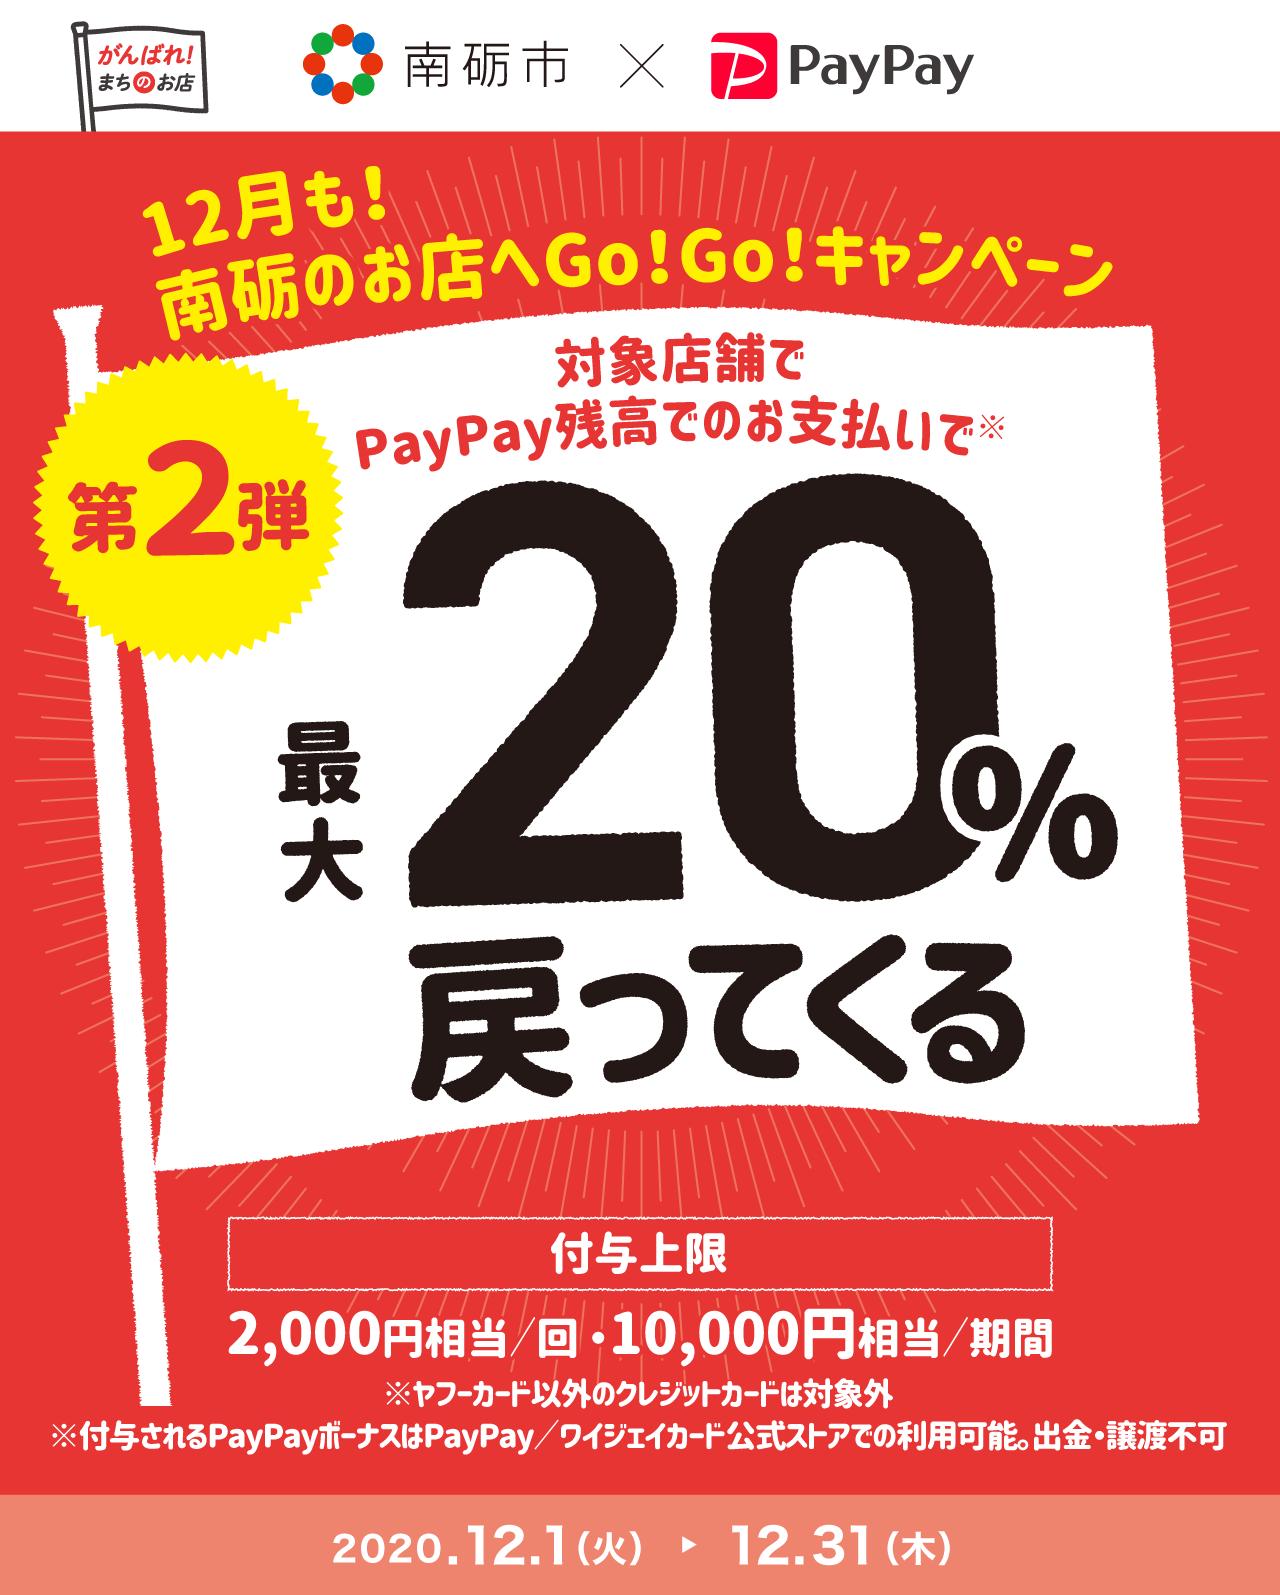 12月も!南砺のお店へGo!Go!キャンペーン 第2弾 対象店舗でPayPay残高でのお支払いで 最大20%戻ってくる